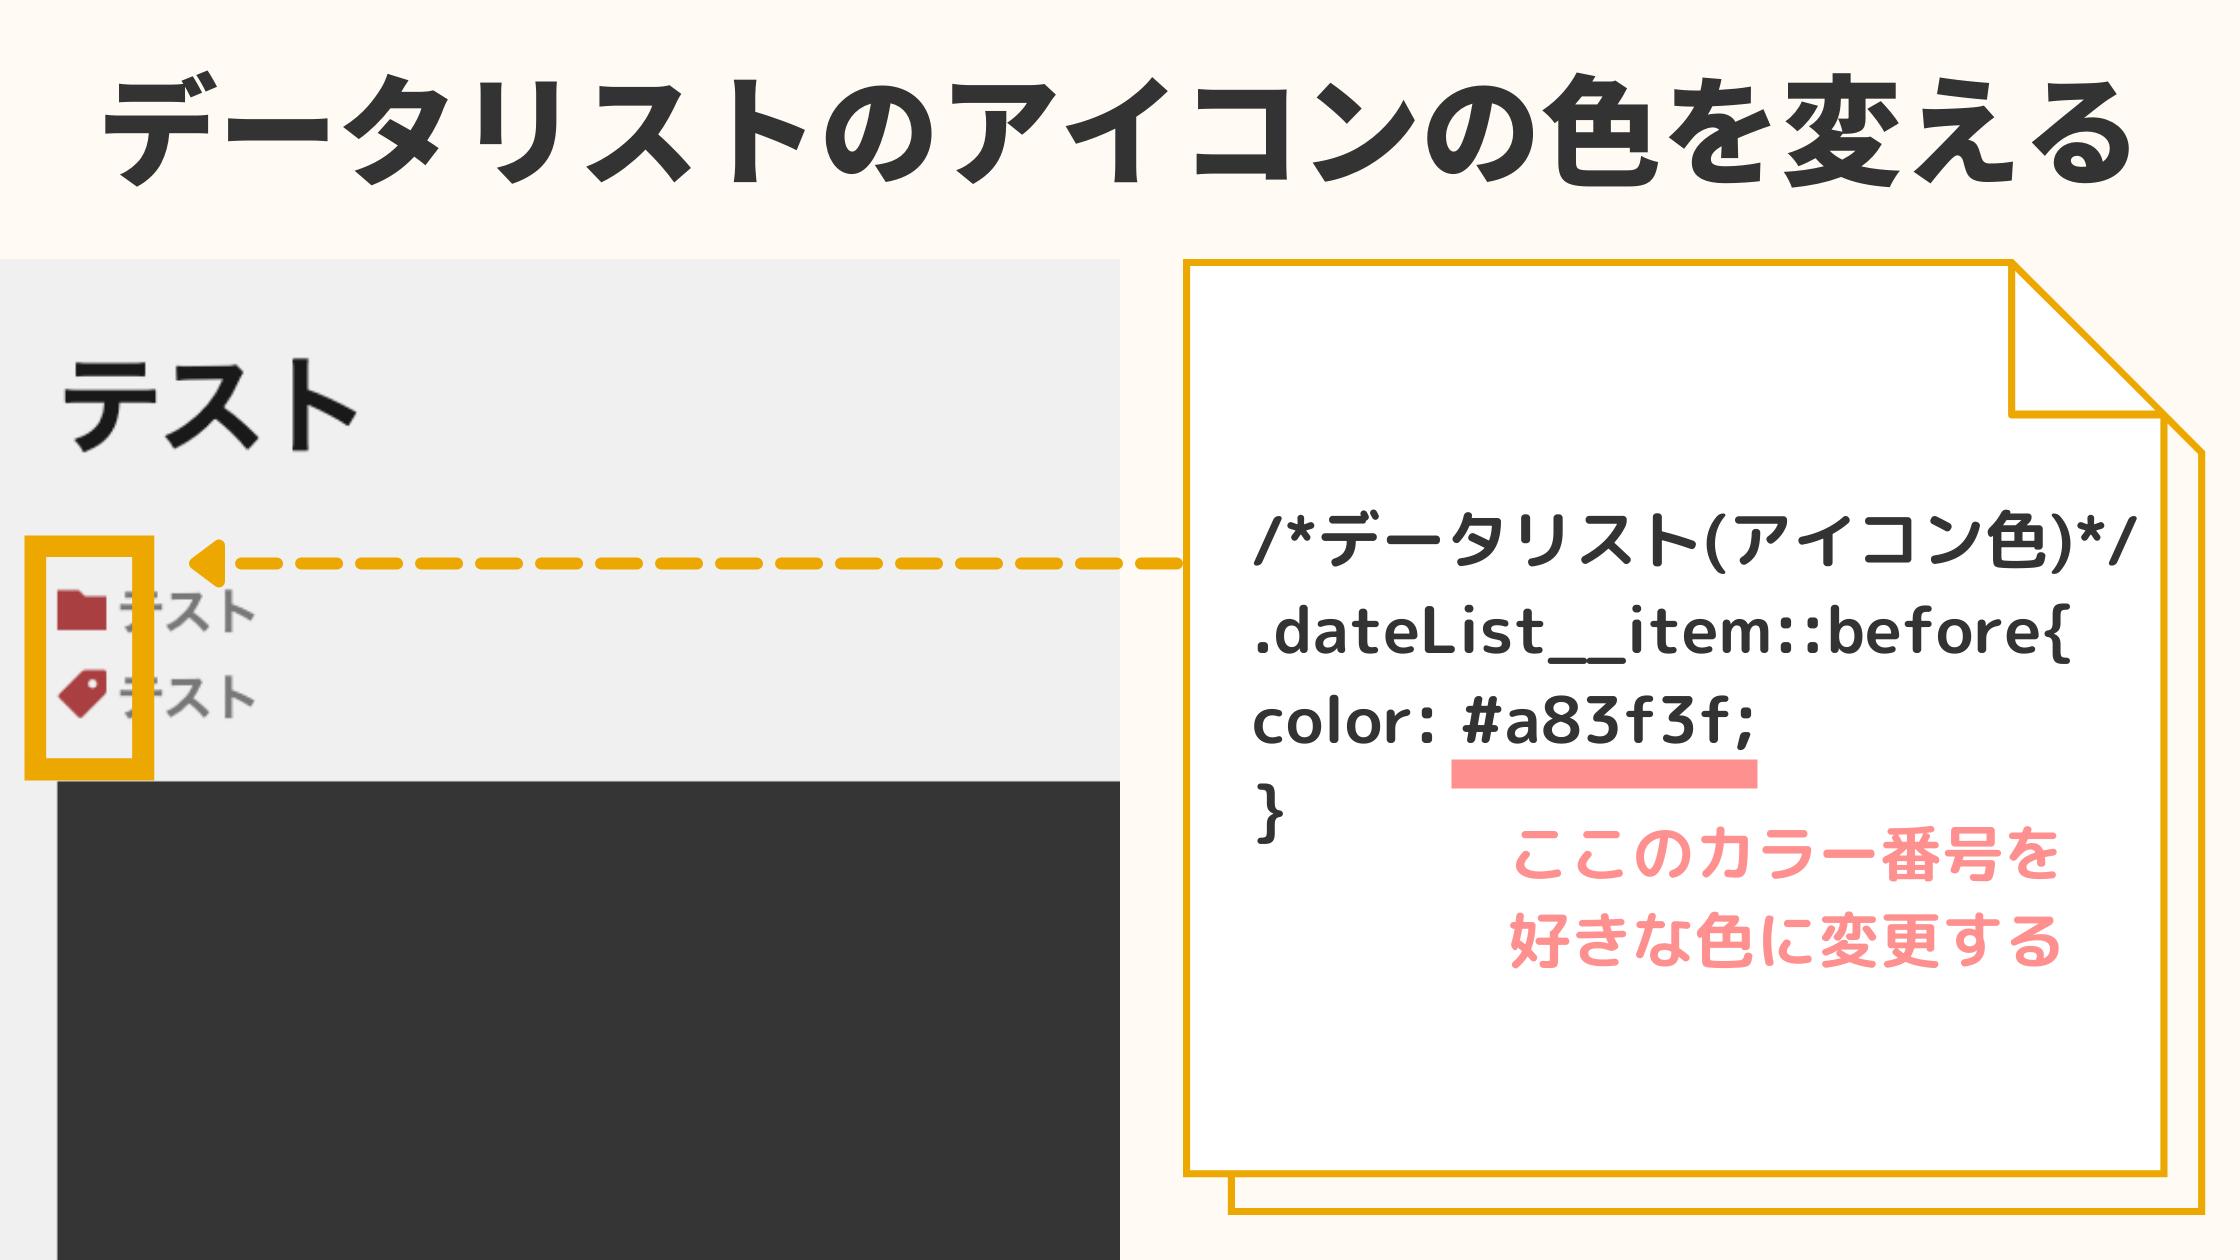 記事情報(データリスト)のアイコンの色を変更する